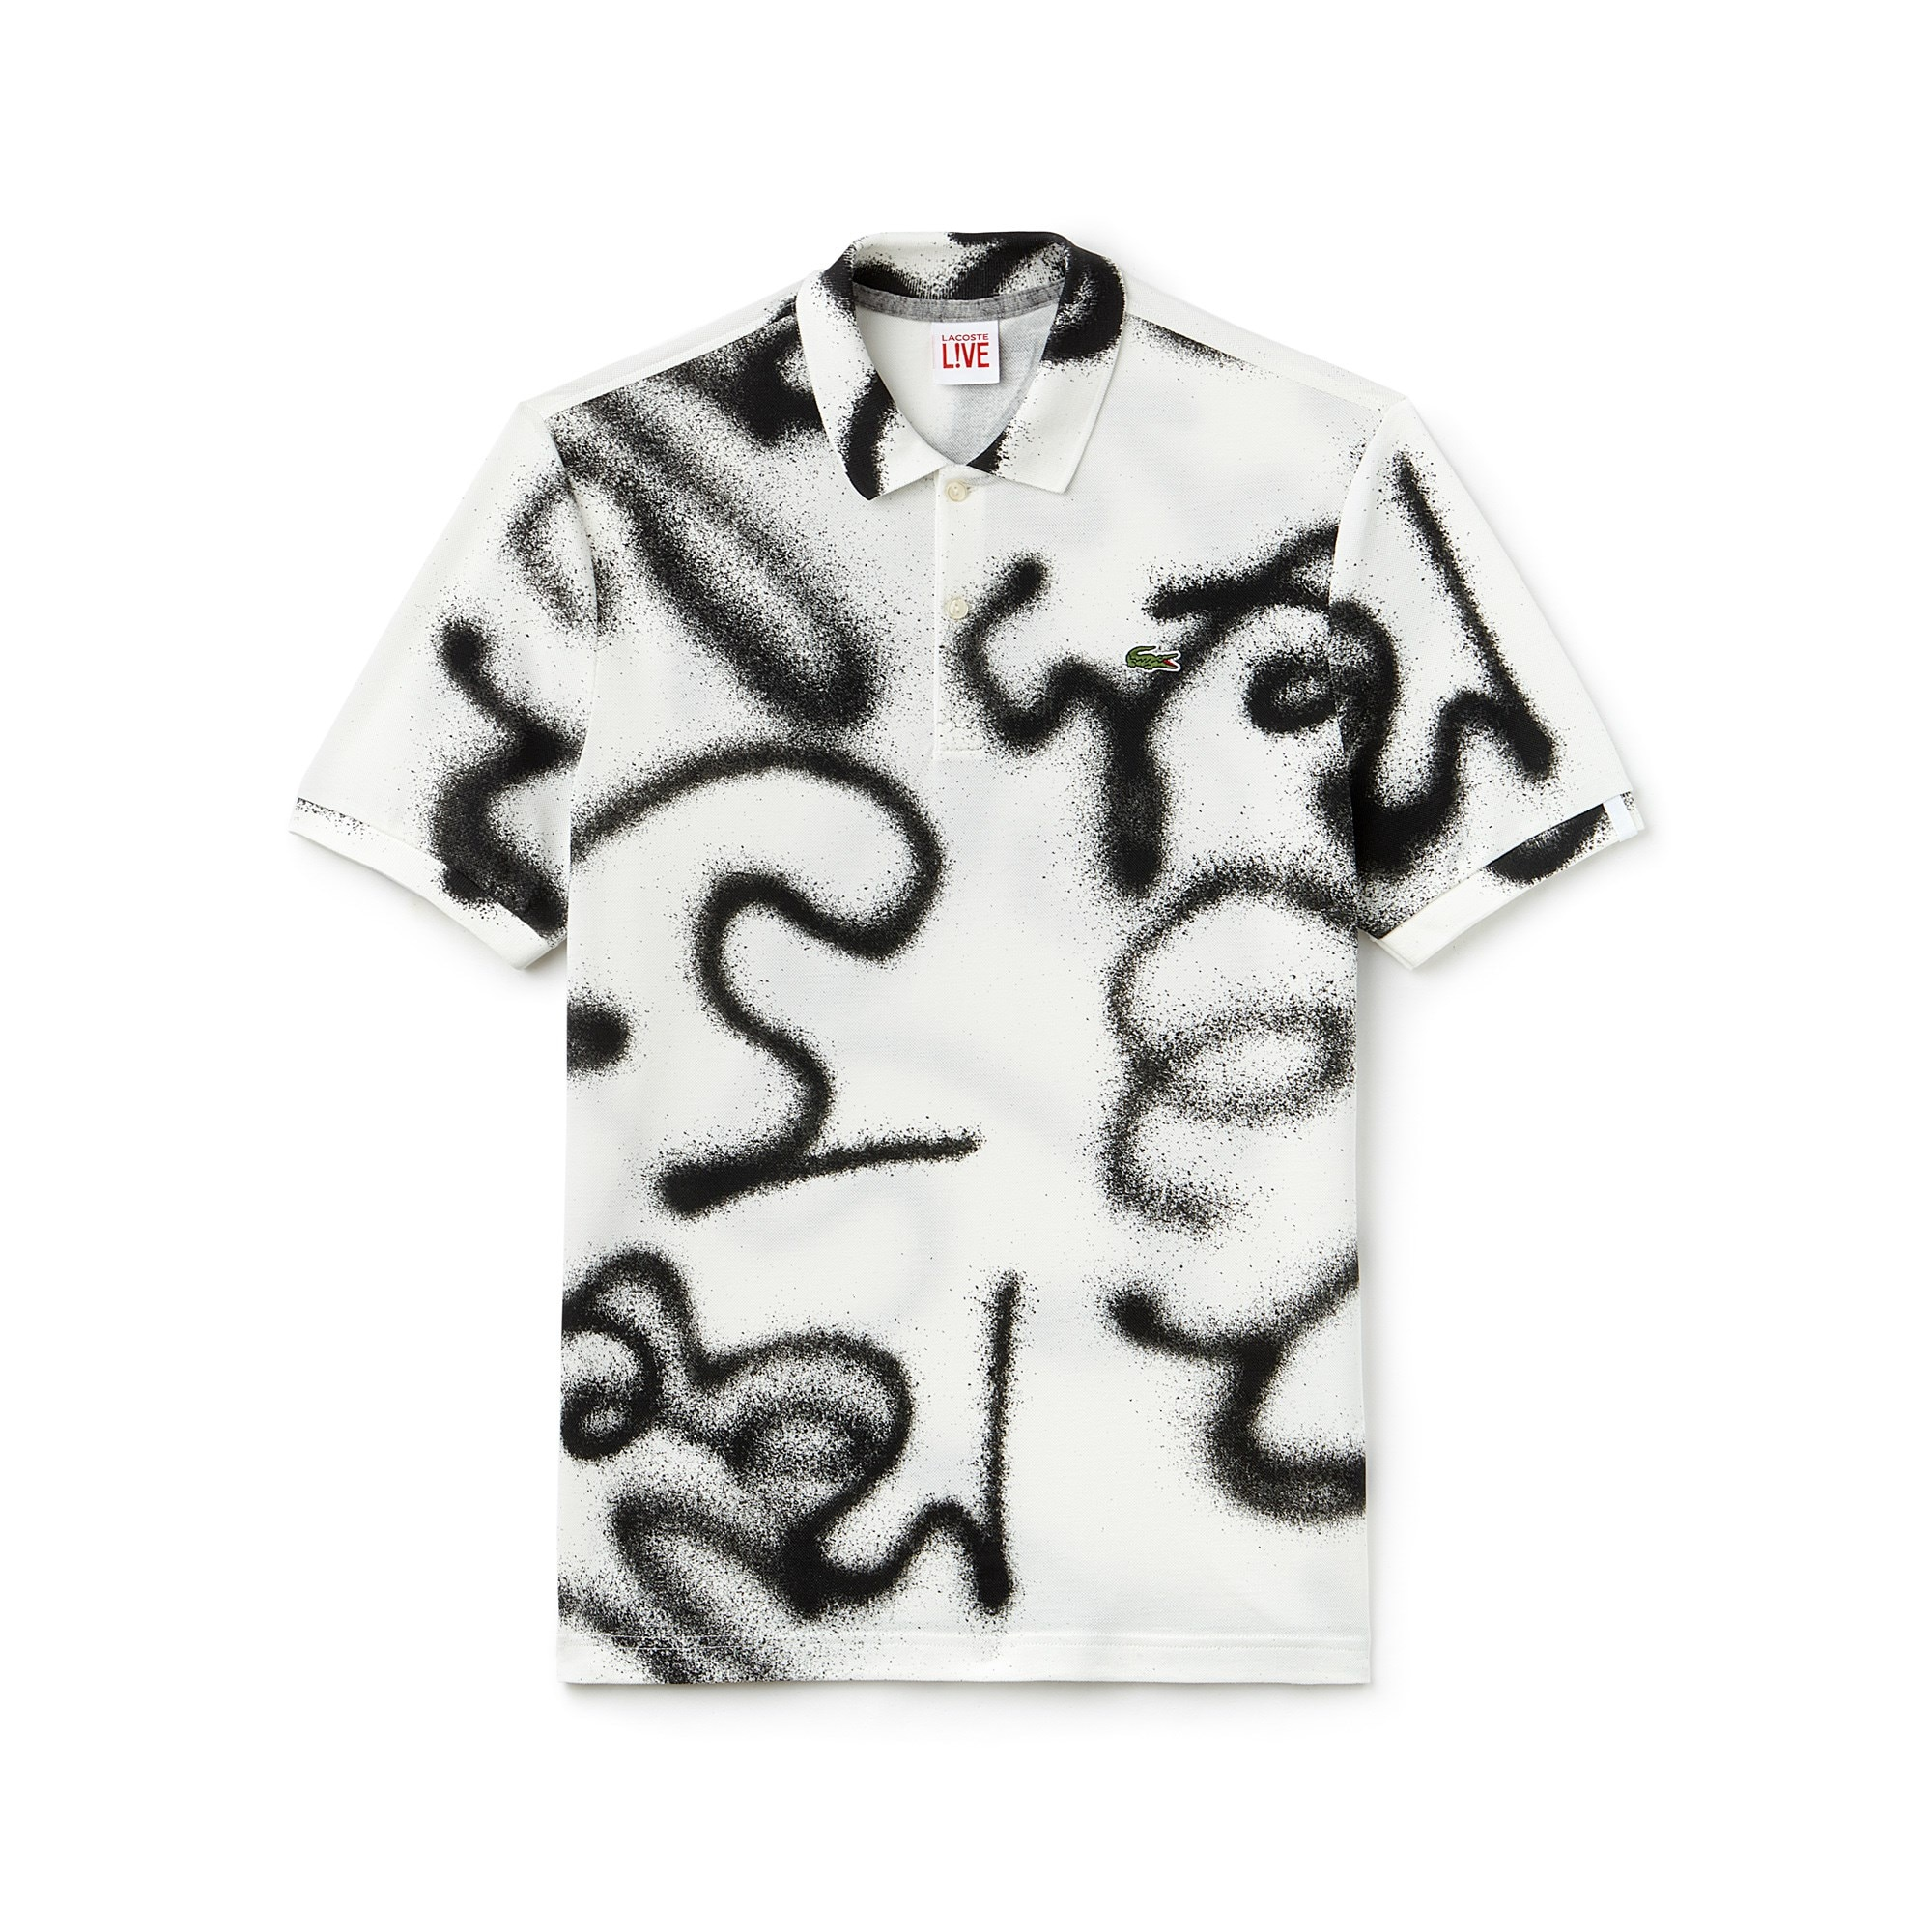 Men's Lacoste LIVE Regular Fit Graffiti Print Mini Piqué Polo Shirt